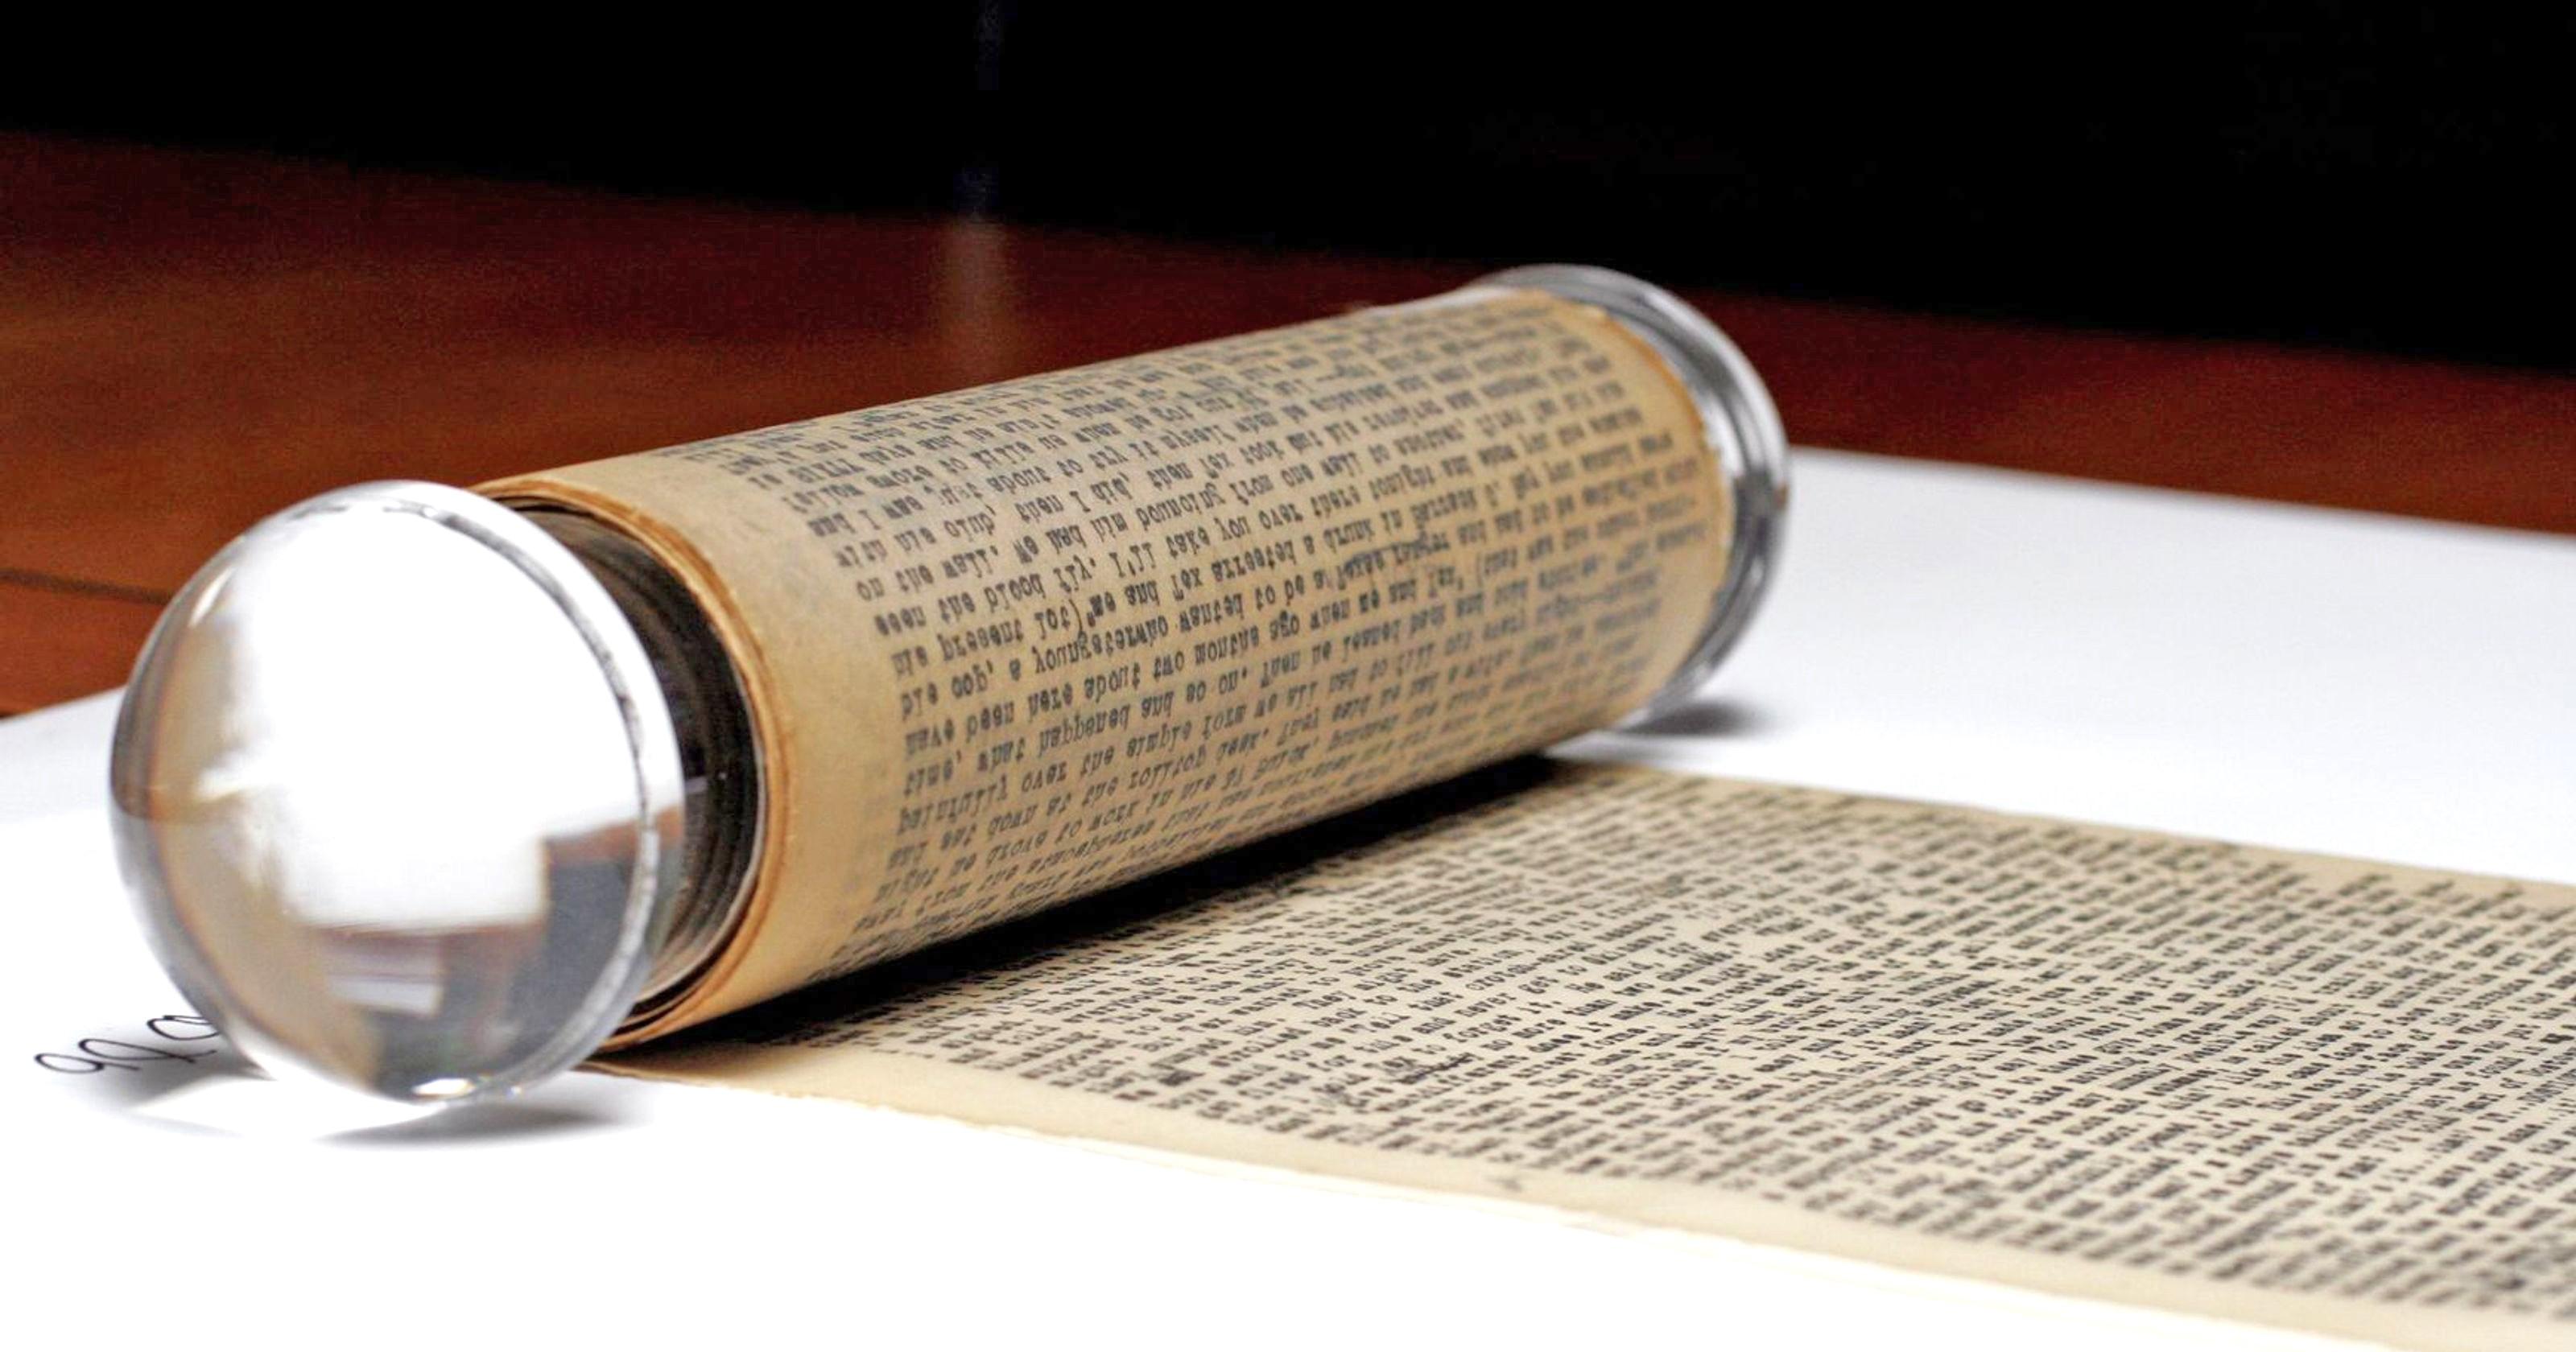 Kerouac manuscript